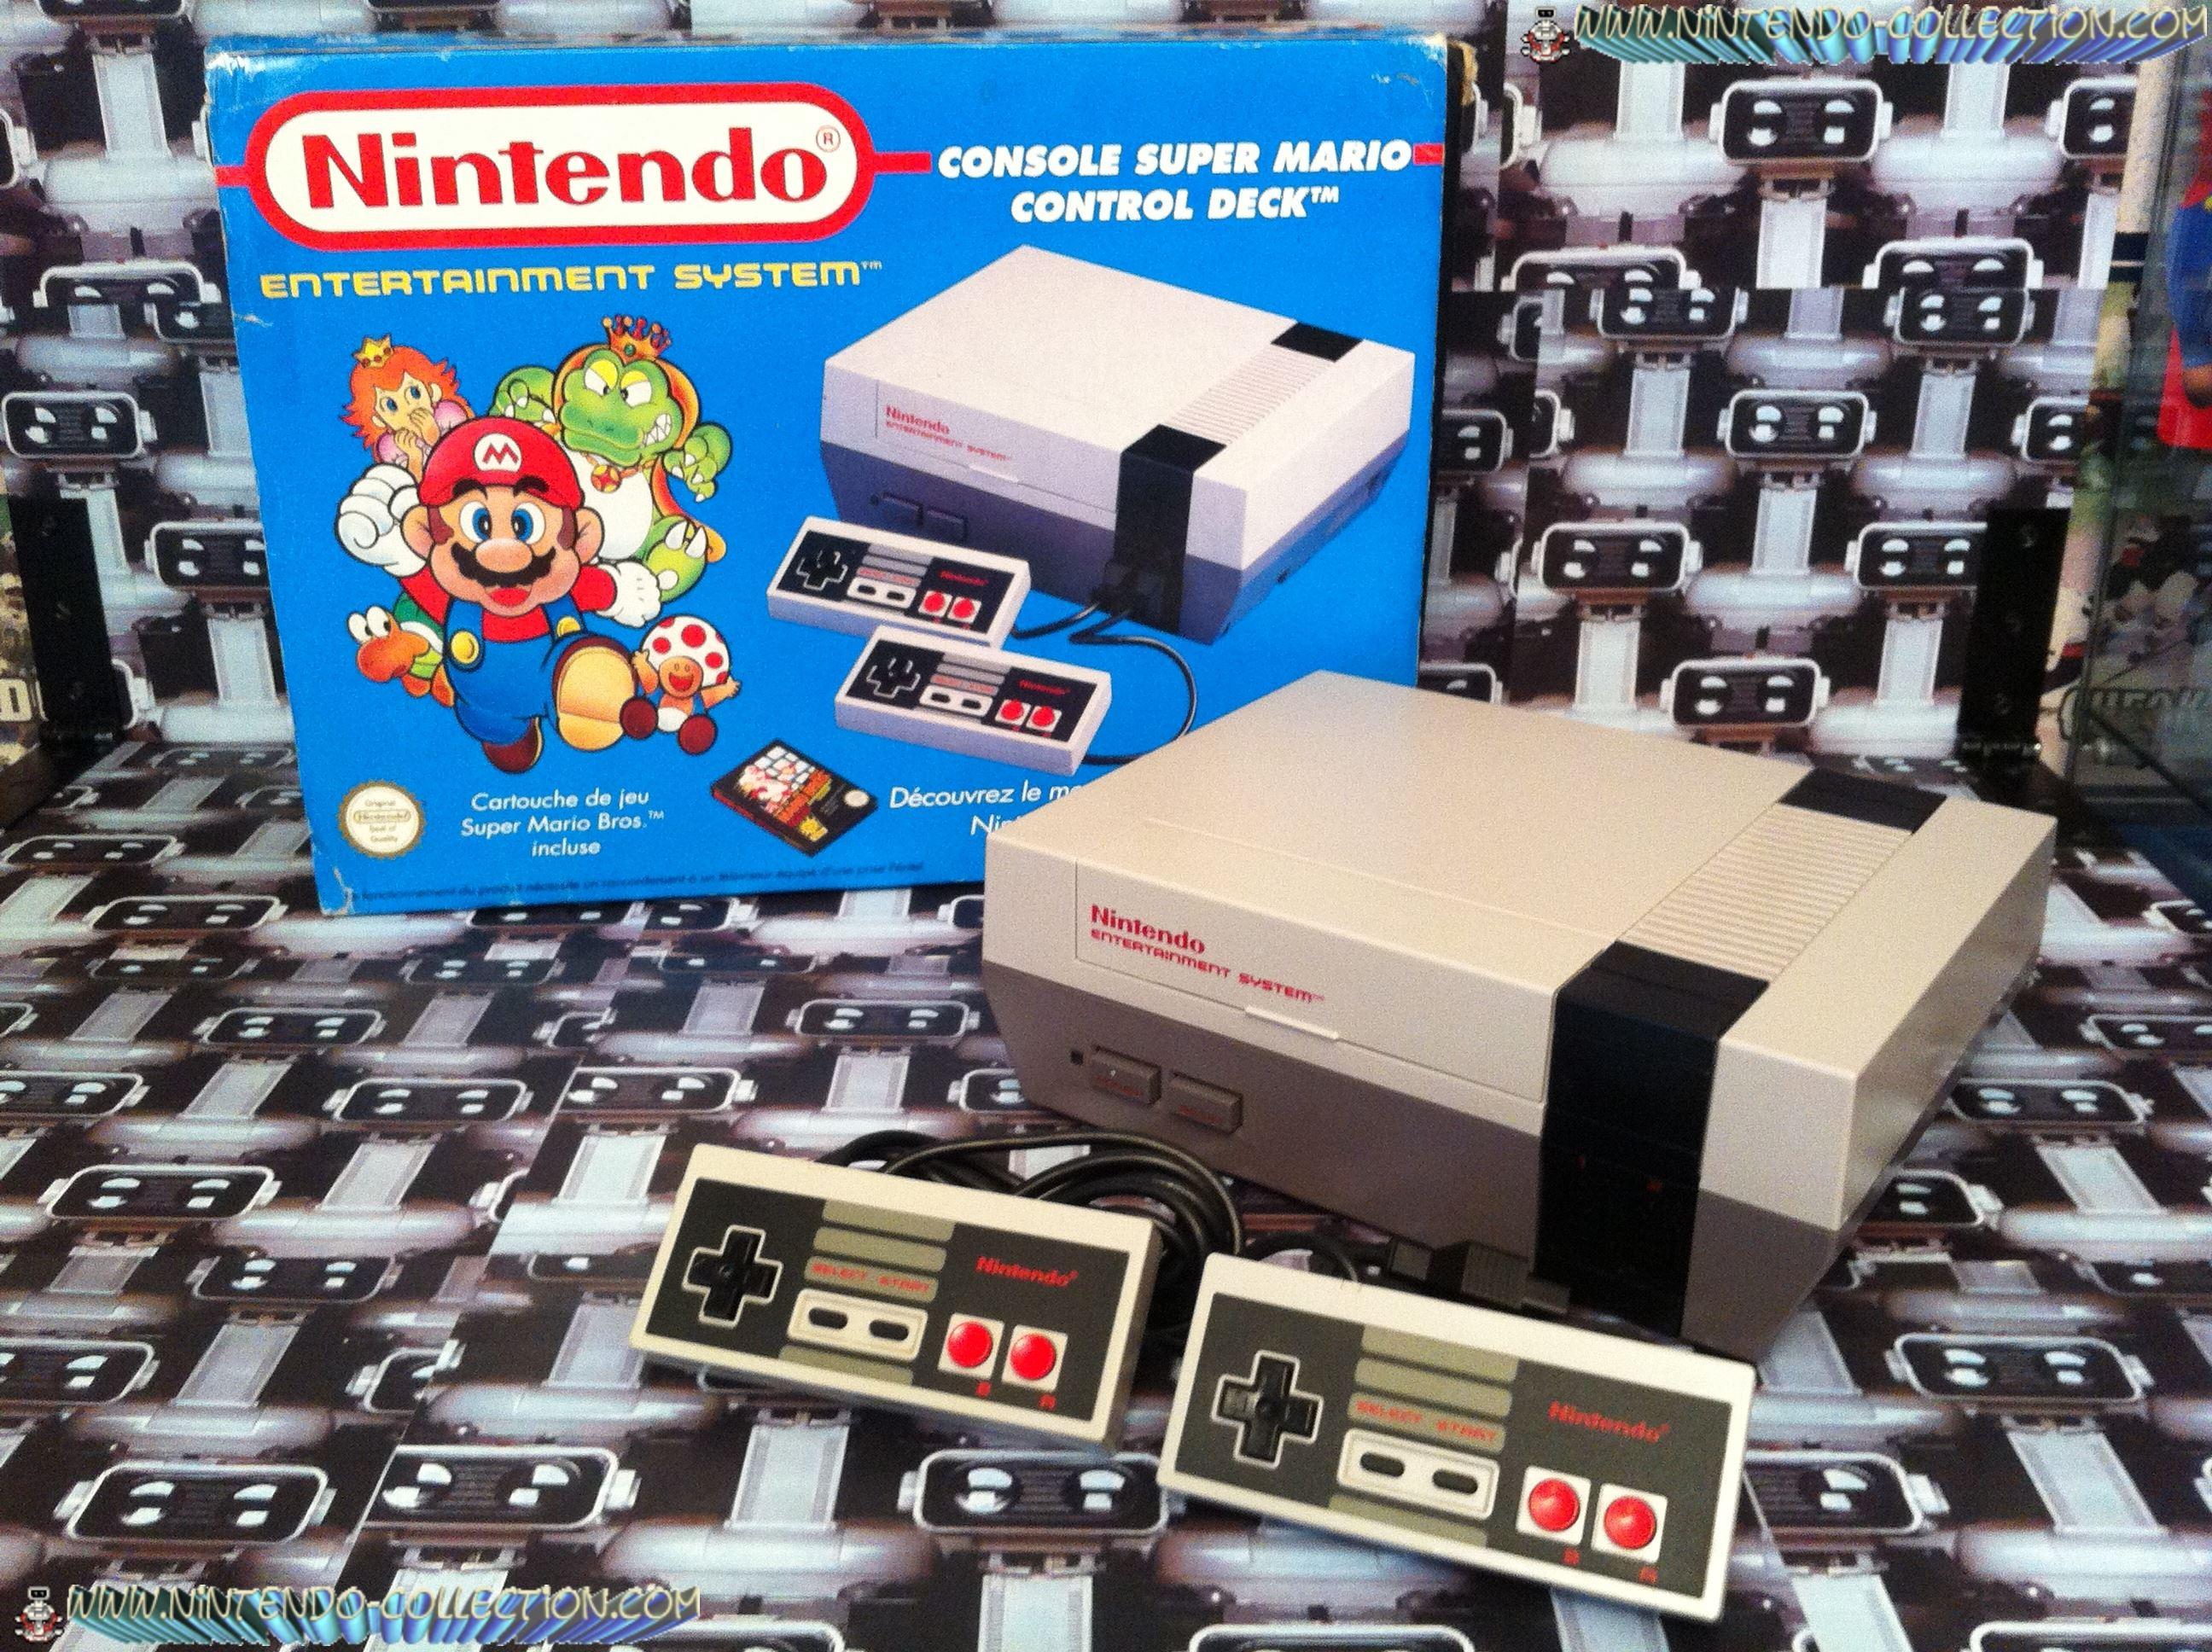 www.nintendo-collection.com - Nintendo NES Super Mario Bros Pack Euro